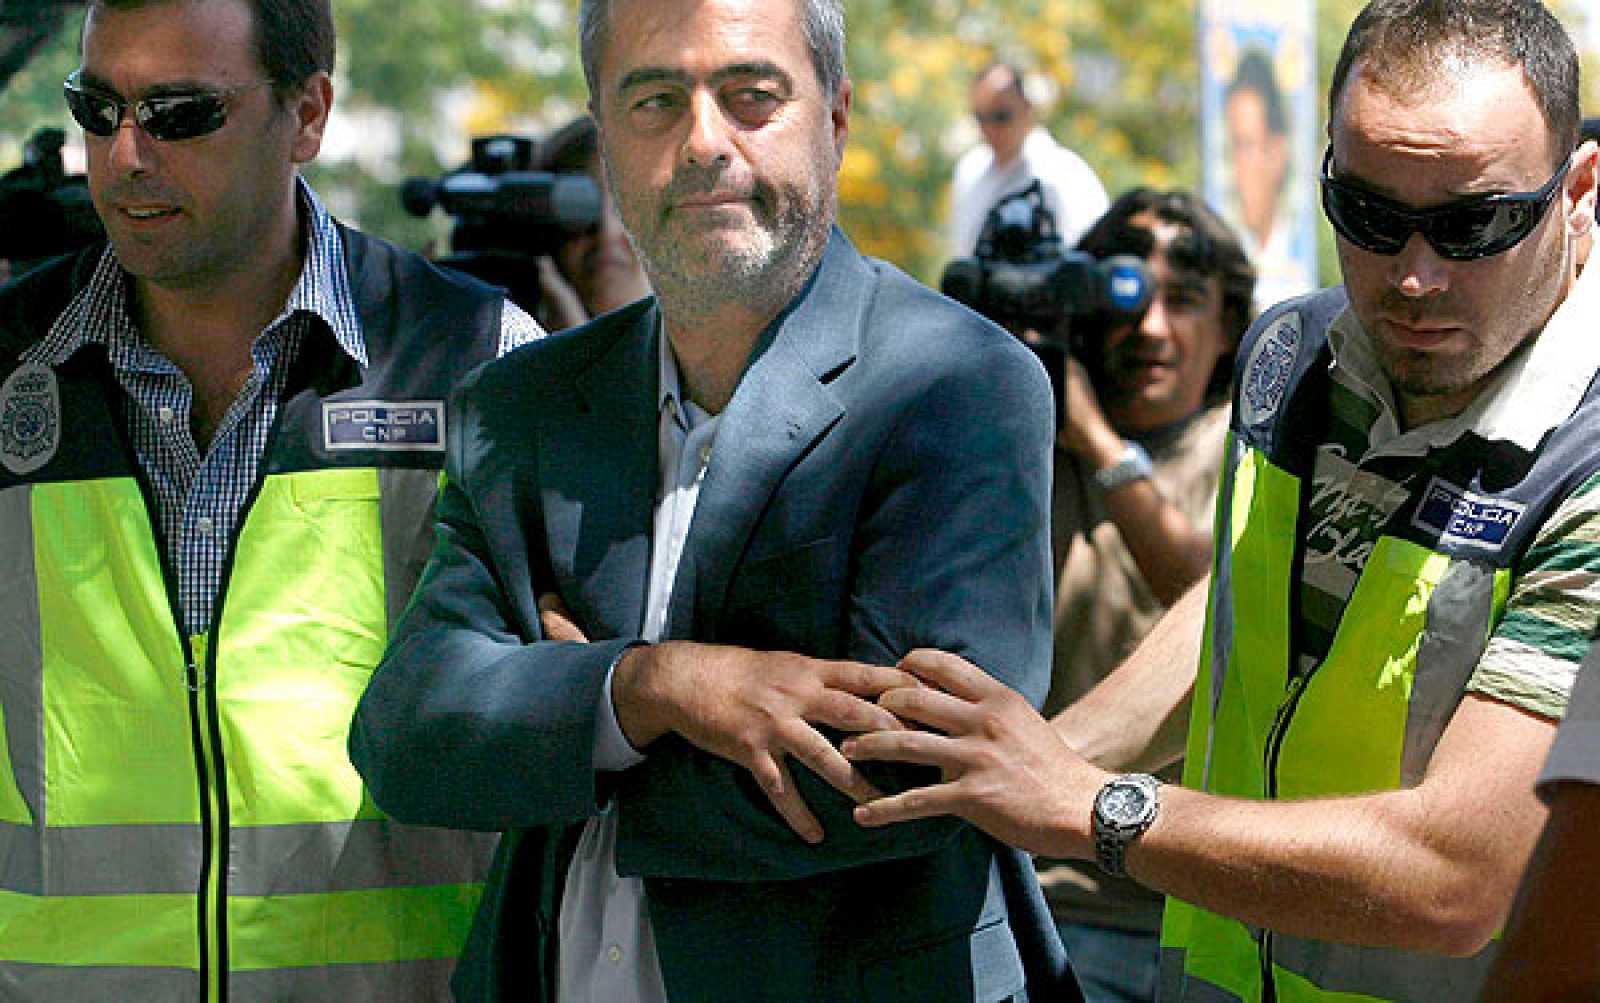 La juez dicta orden de prisión sin fianza para el alcalde de Estepona